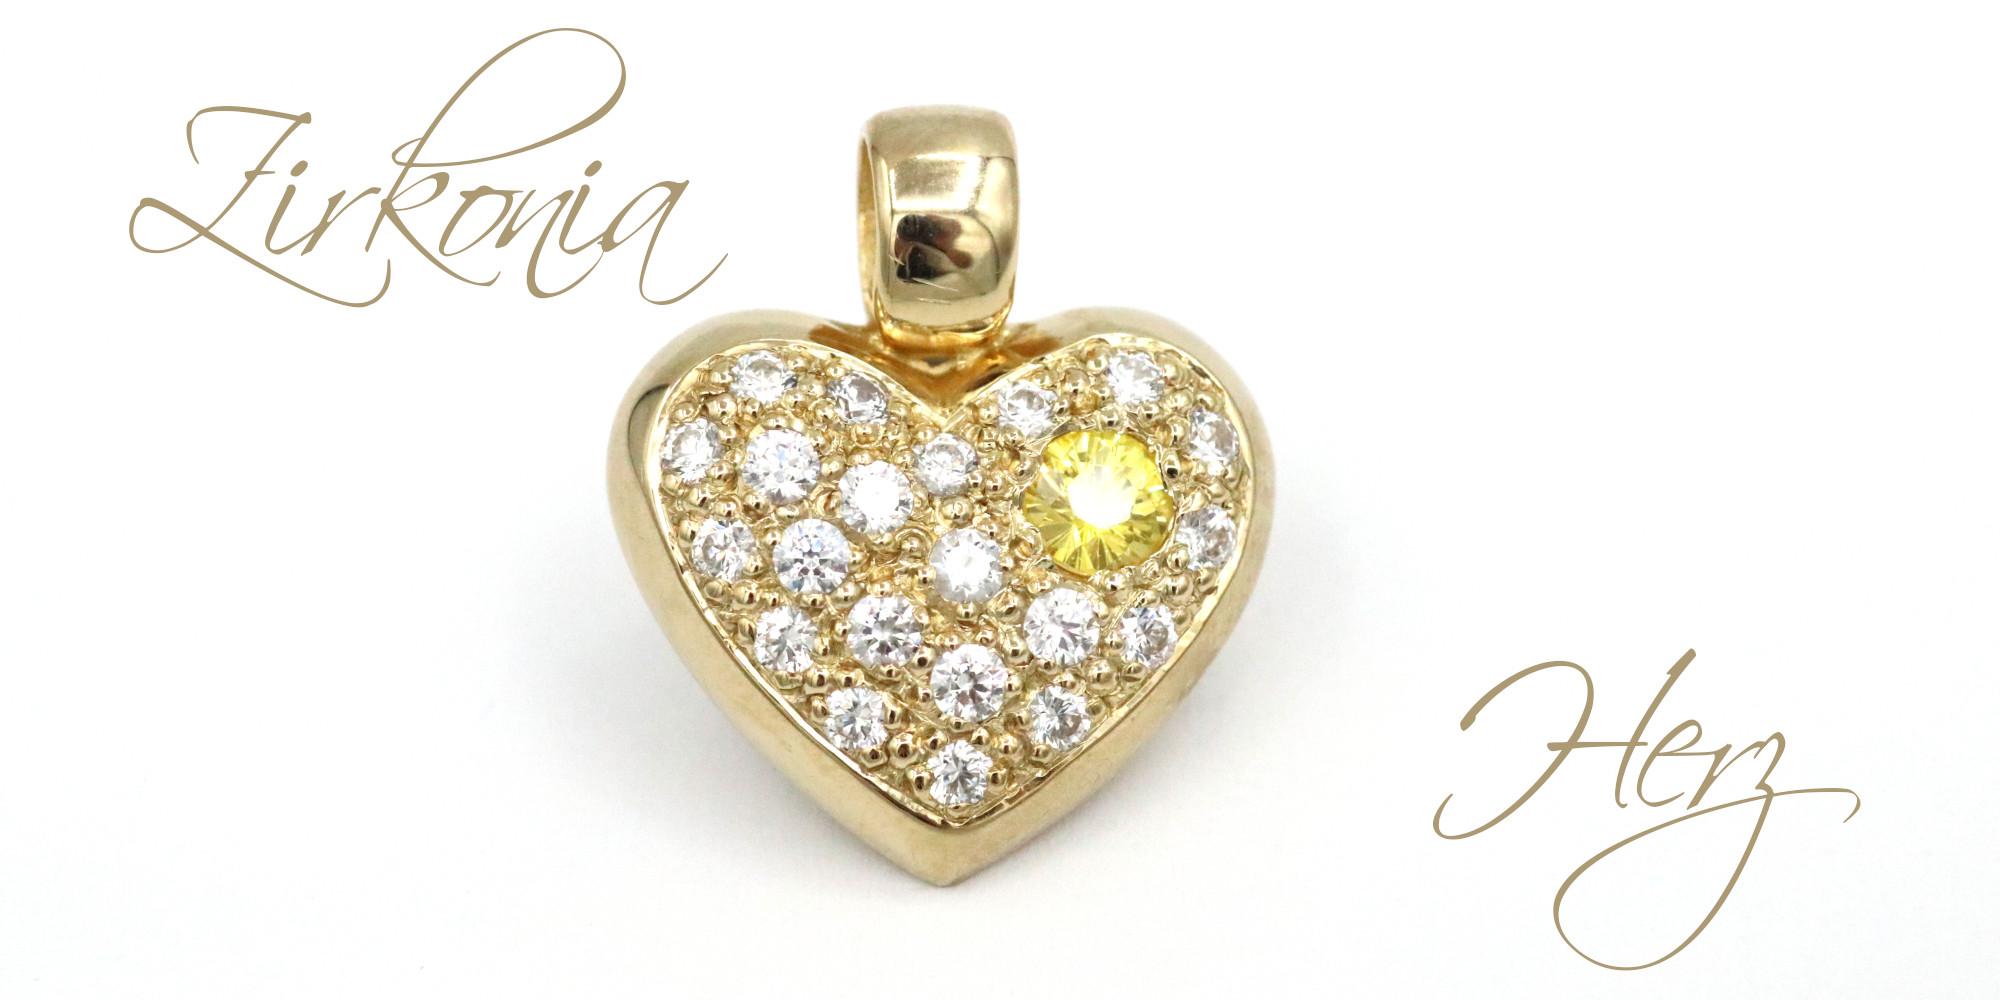 Zirkonia Herz gelb Goldschmiede Mace